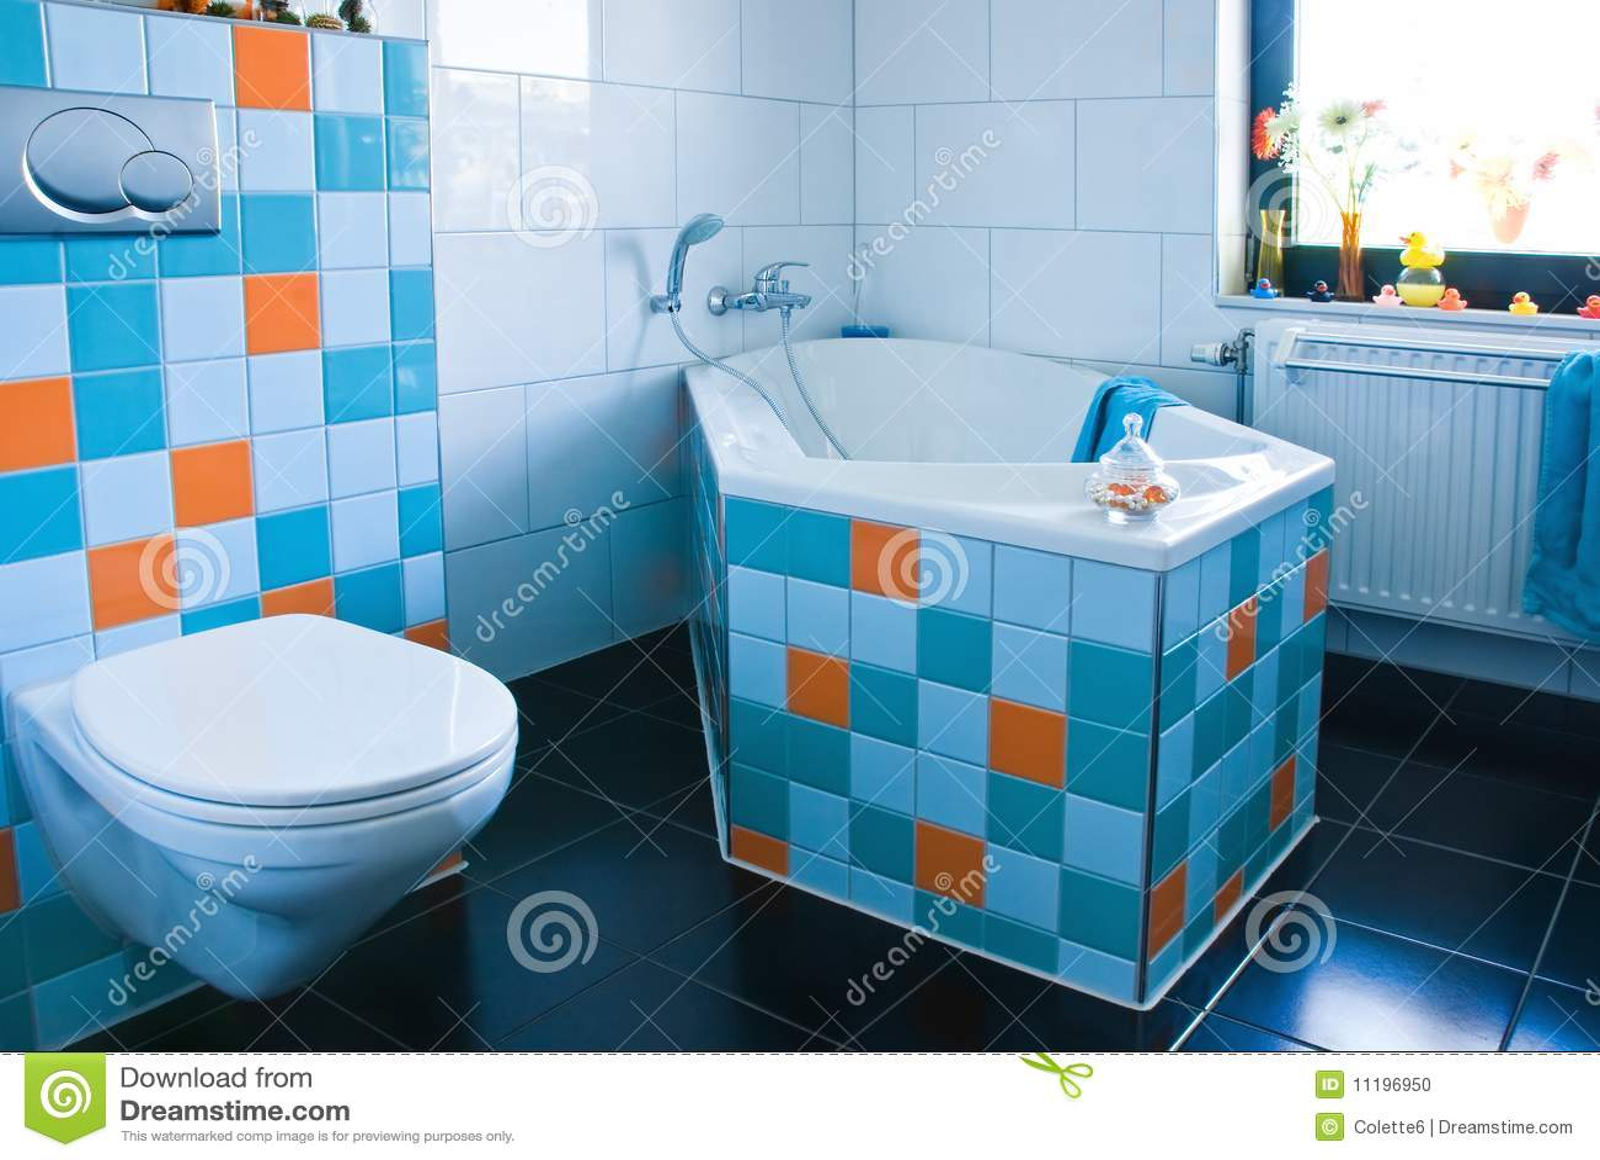 Banheiro branco assoalho preto colorido decorado com as telhas na  #B34F18 1300x960 Banheiro Branco Com Vaso Preto